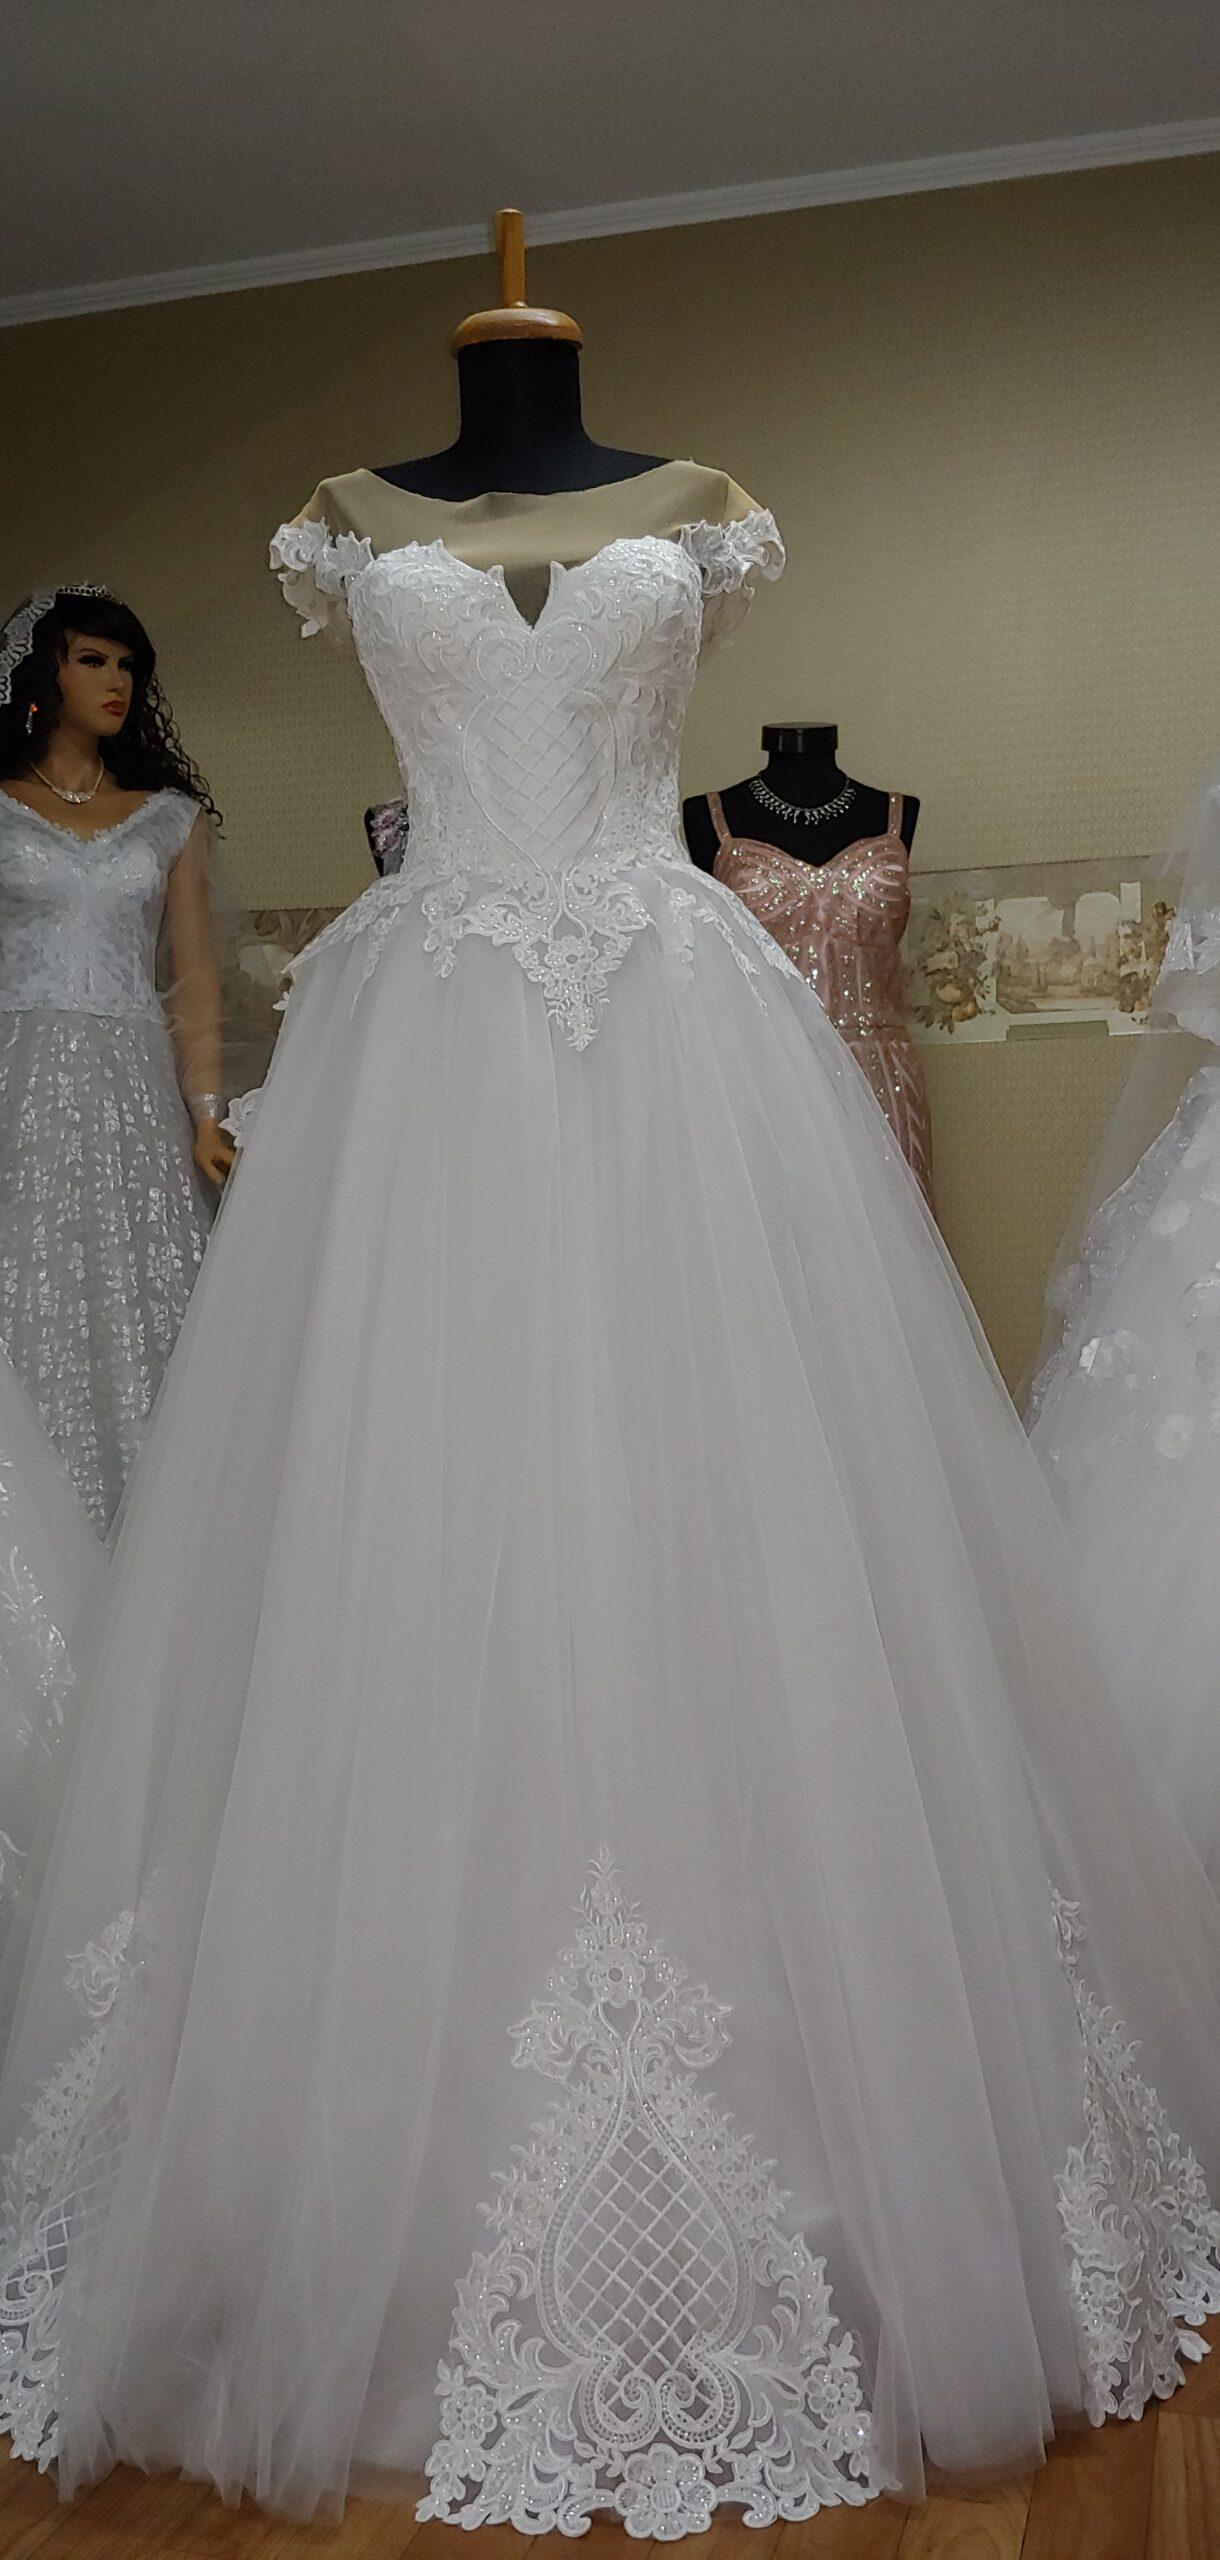 купить свадебное платье, прокат свадебного платья, свадебное платье ева, купить свадебное платье в Тирасполе